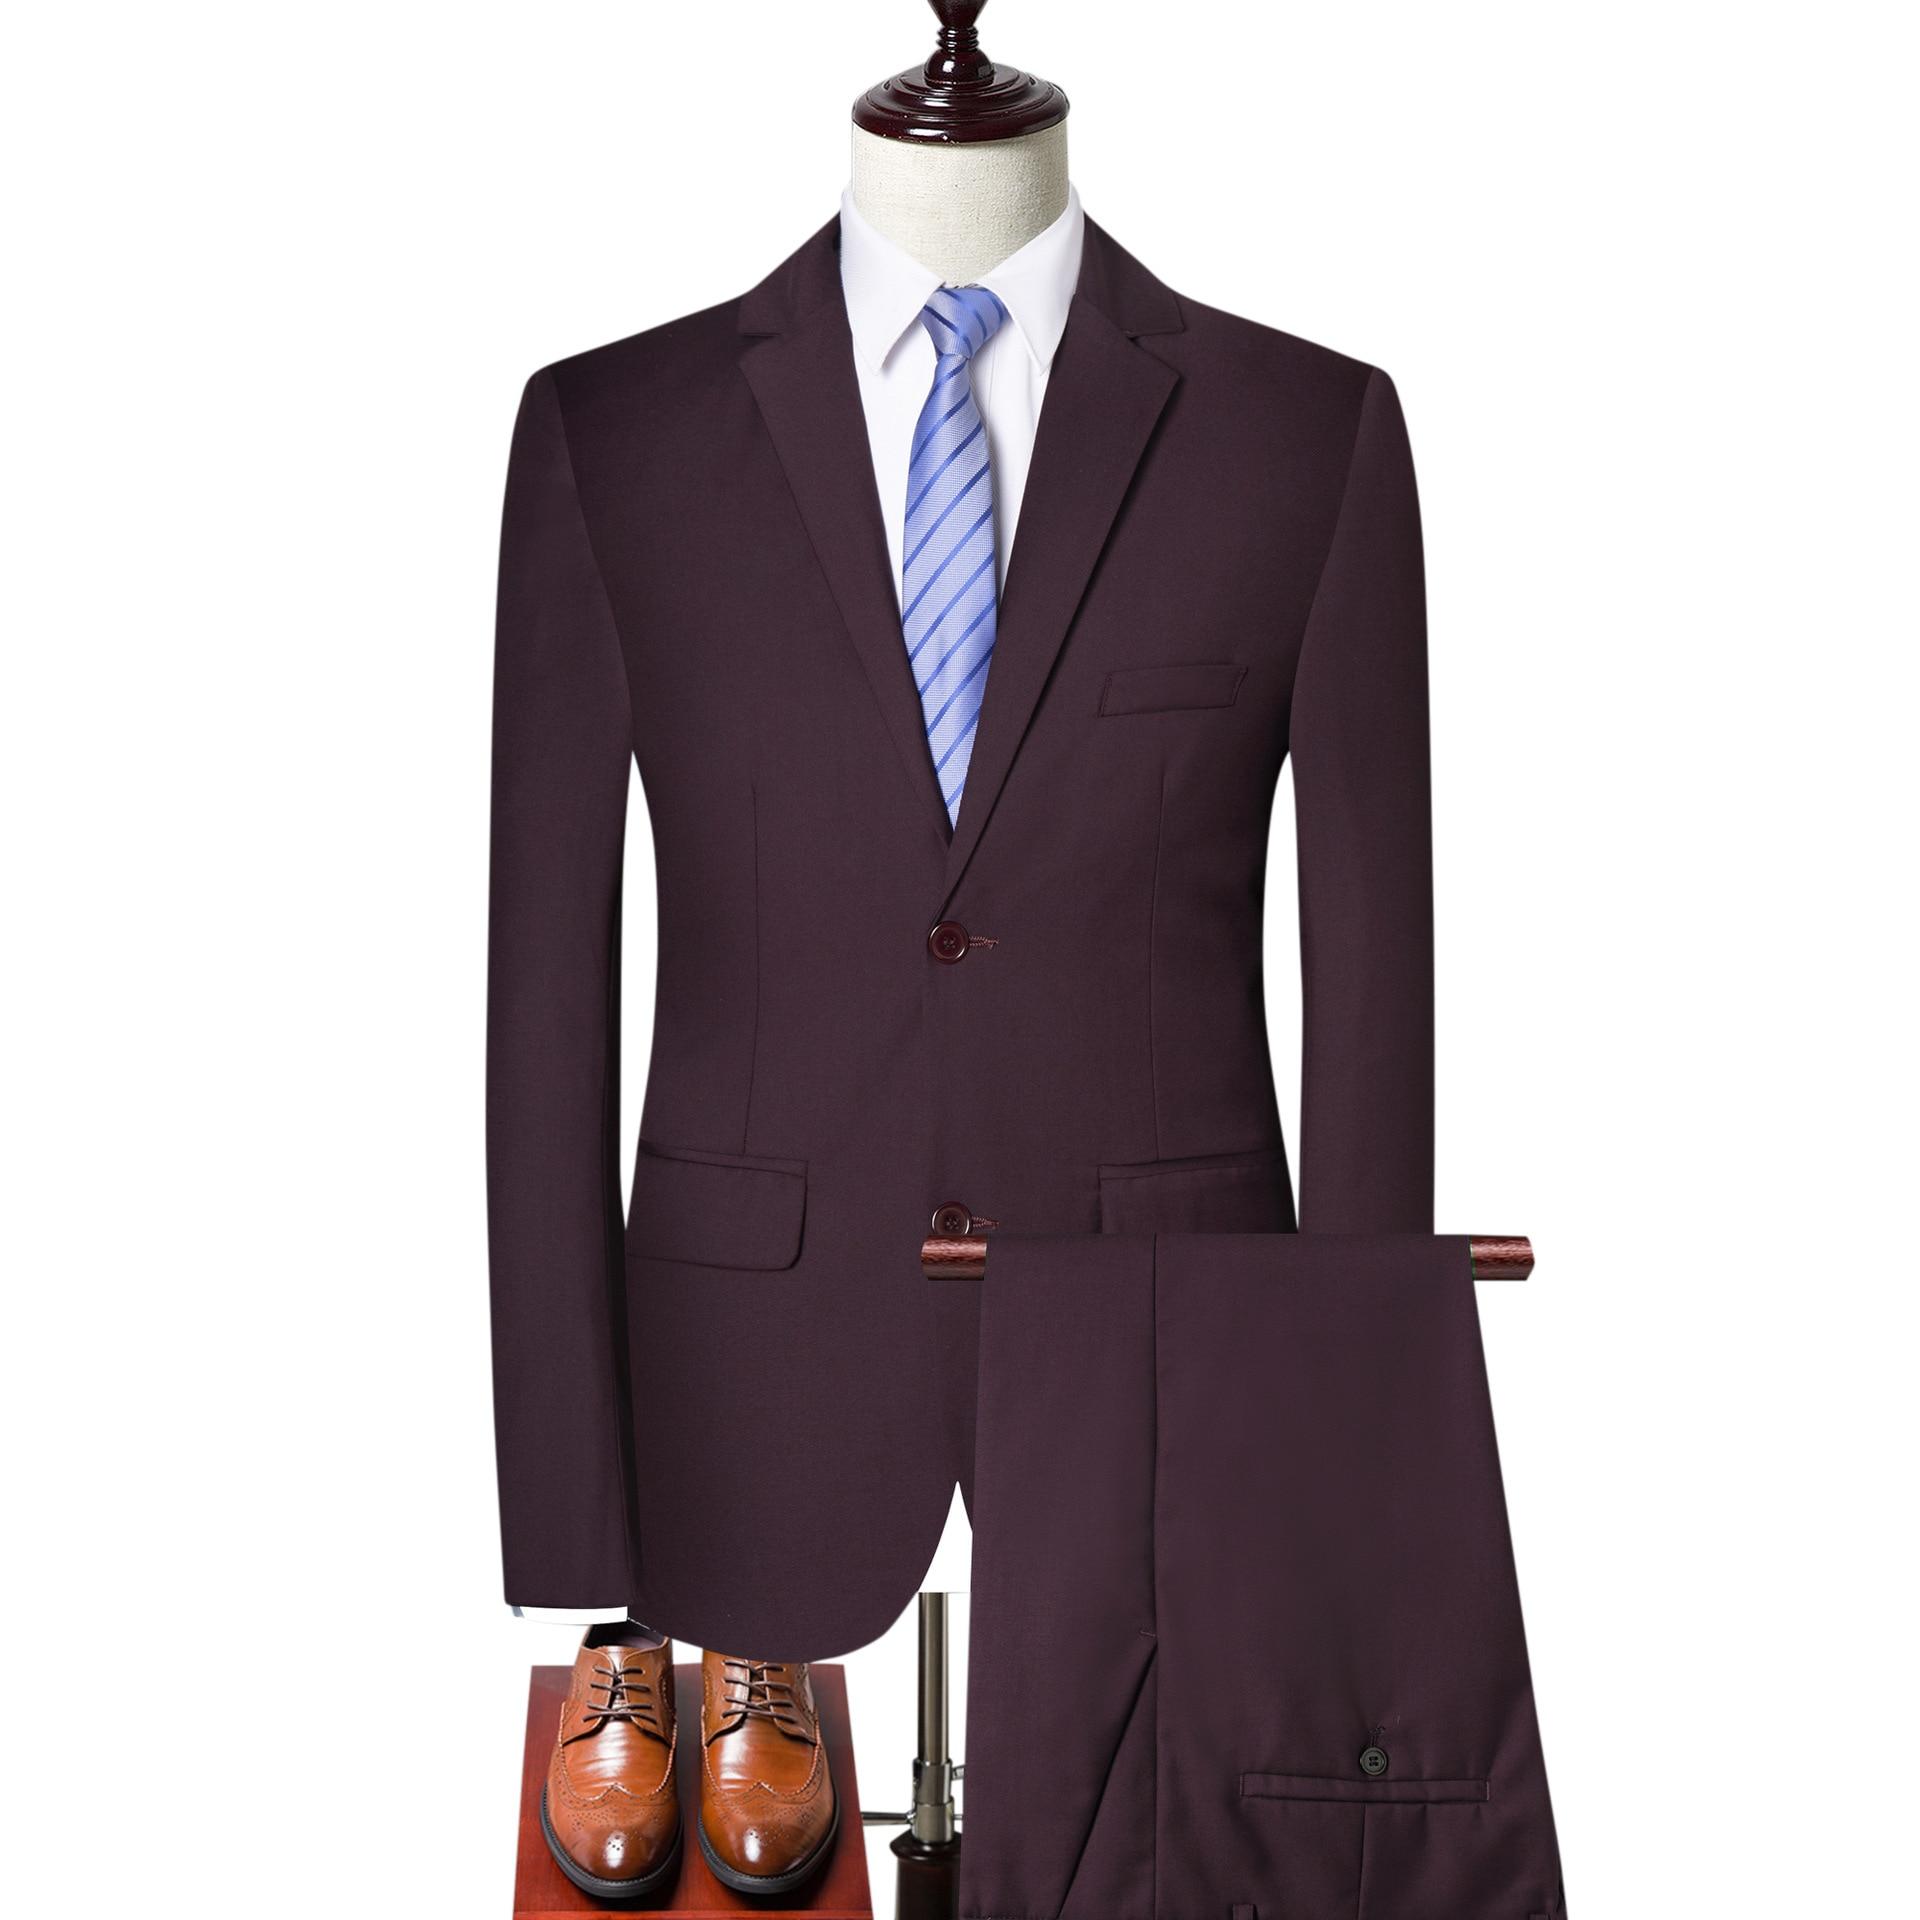 حجم كبير الرجال الموضة للرجال سليم صالح بدلة عمل الرجال موضة 3 قطع رجالي بليزرات البدلات العريس أفضل بدل زفاف 4XL